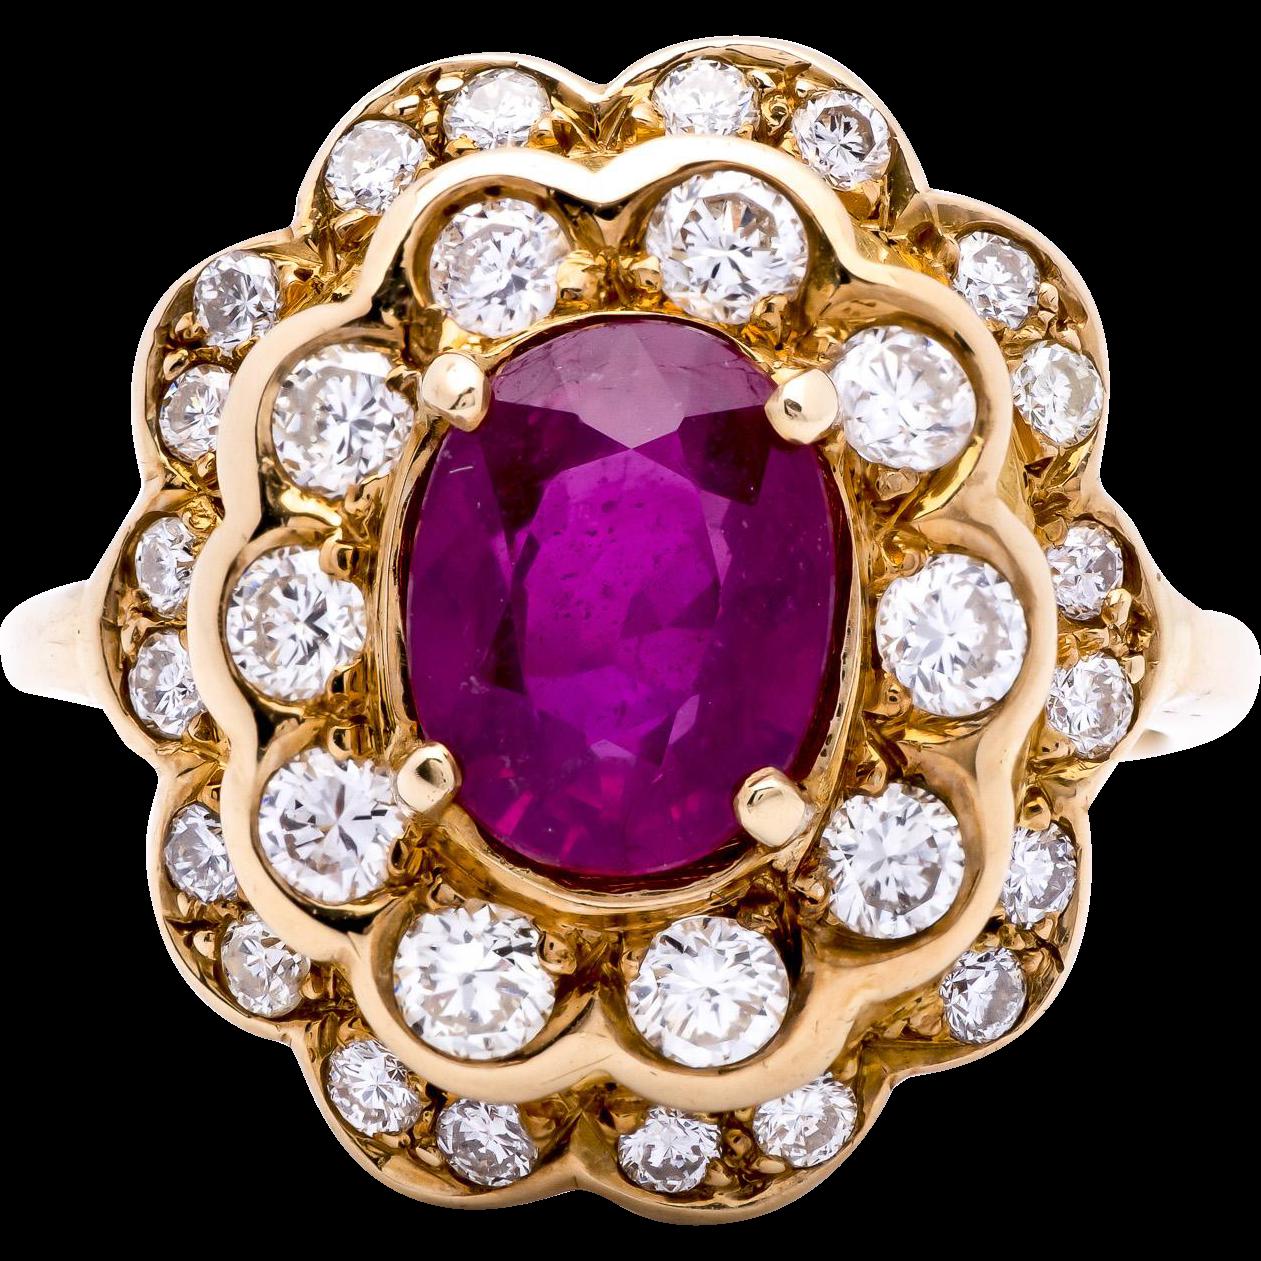 Estate Ladies 1.92 Carat Natural Ruby 14K Yellow Gold Ring Encircled by Diamonds